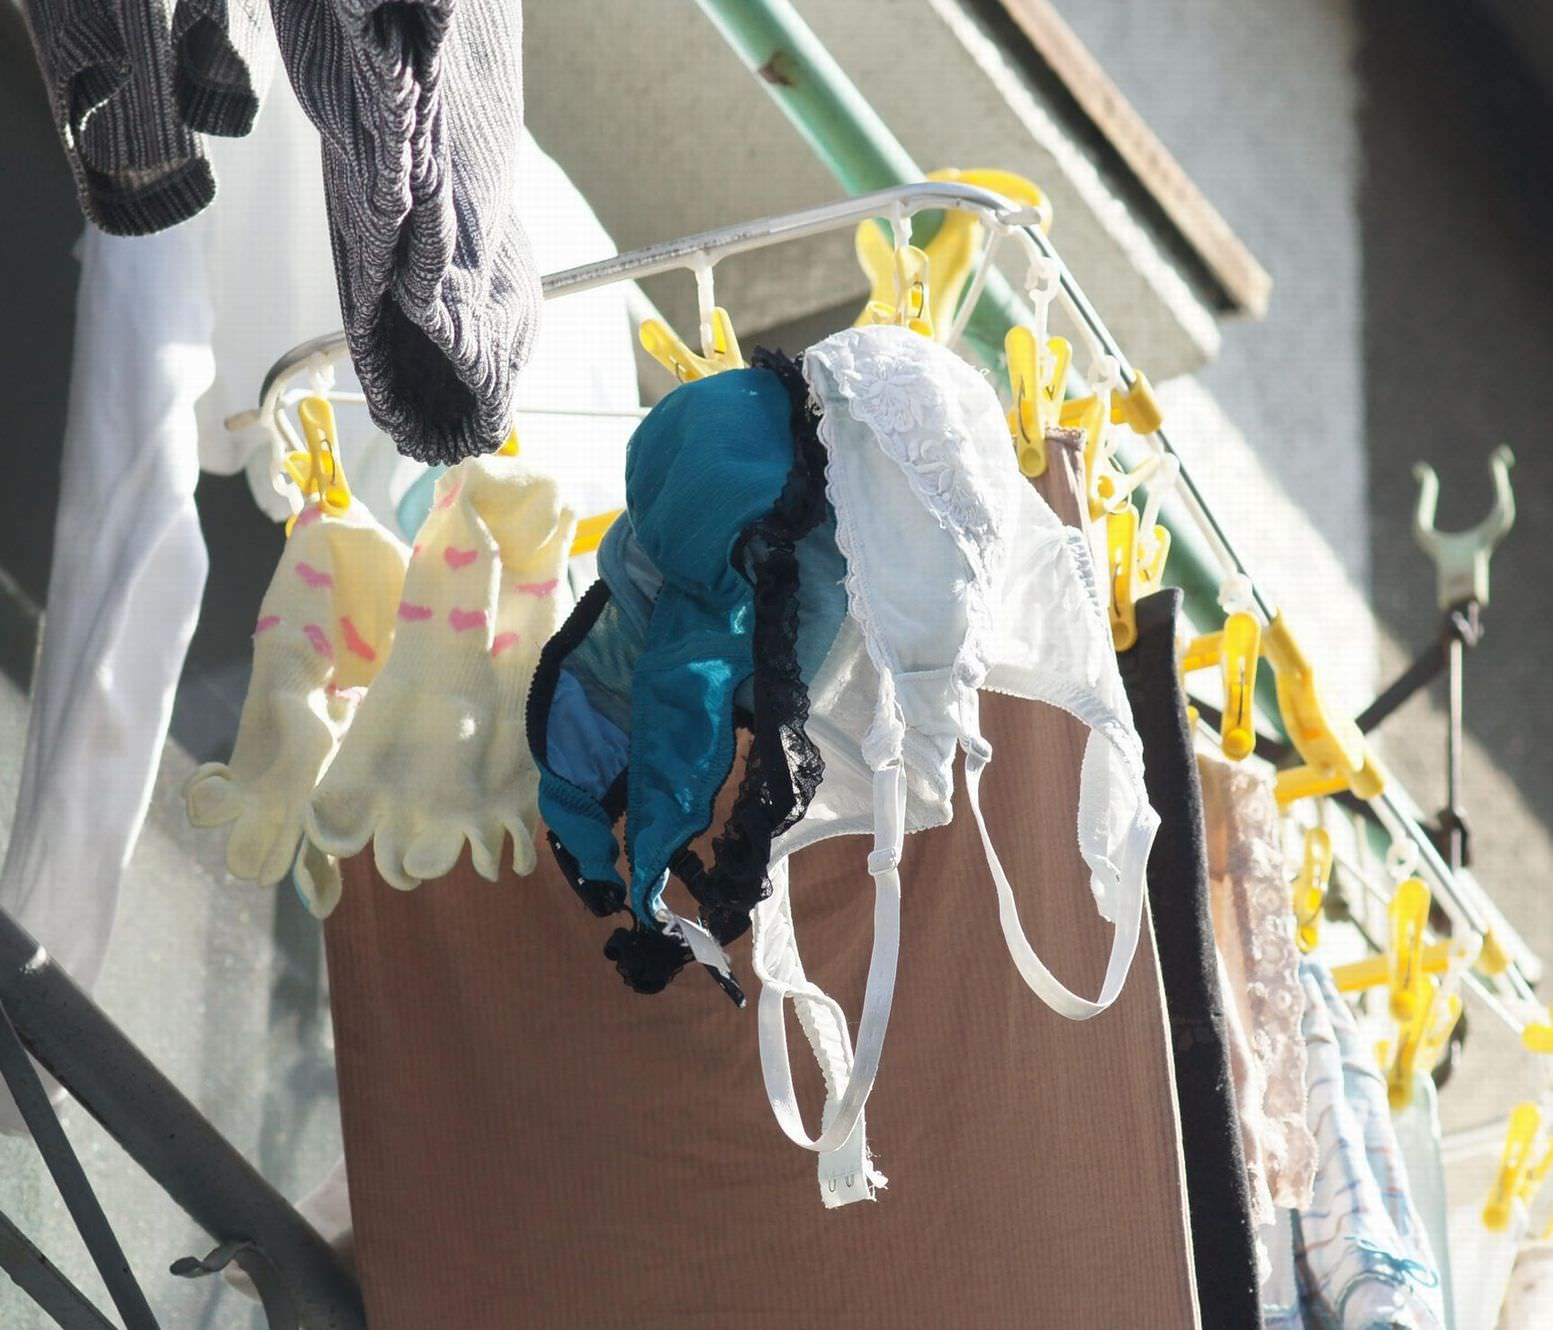 若い素人妻が暮らすベランダに干された洗濯物のブラやパンティーの下着エロ画像 854